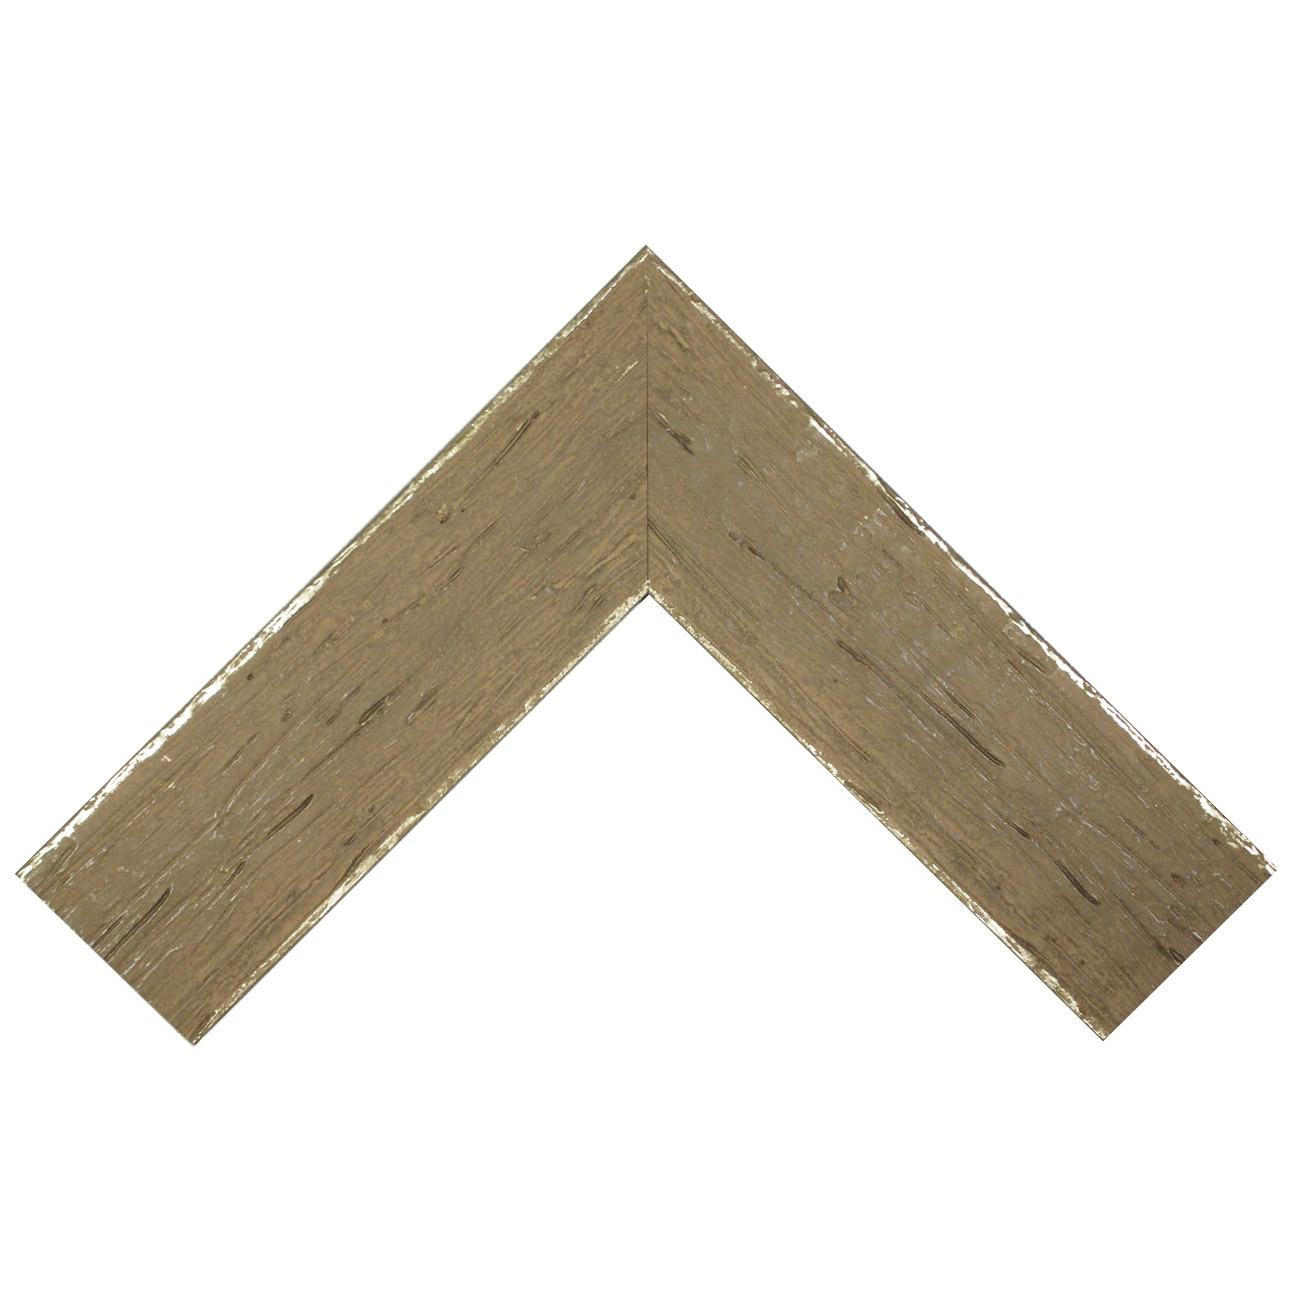 Baguette bois profil plat largeur 9.6cm couleur mastic filet argent chaud sur les bords antique